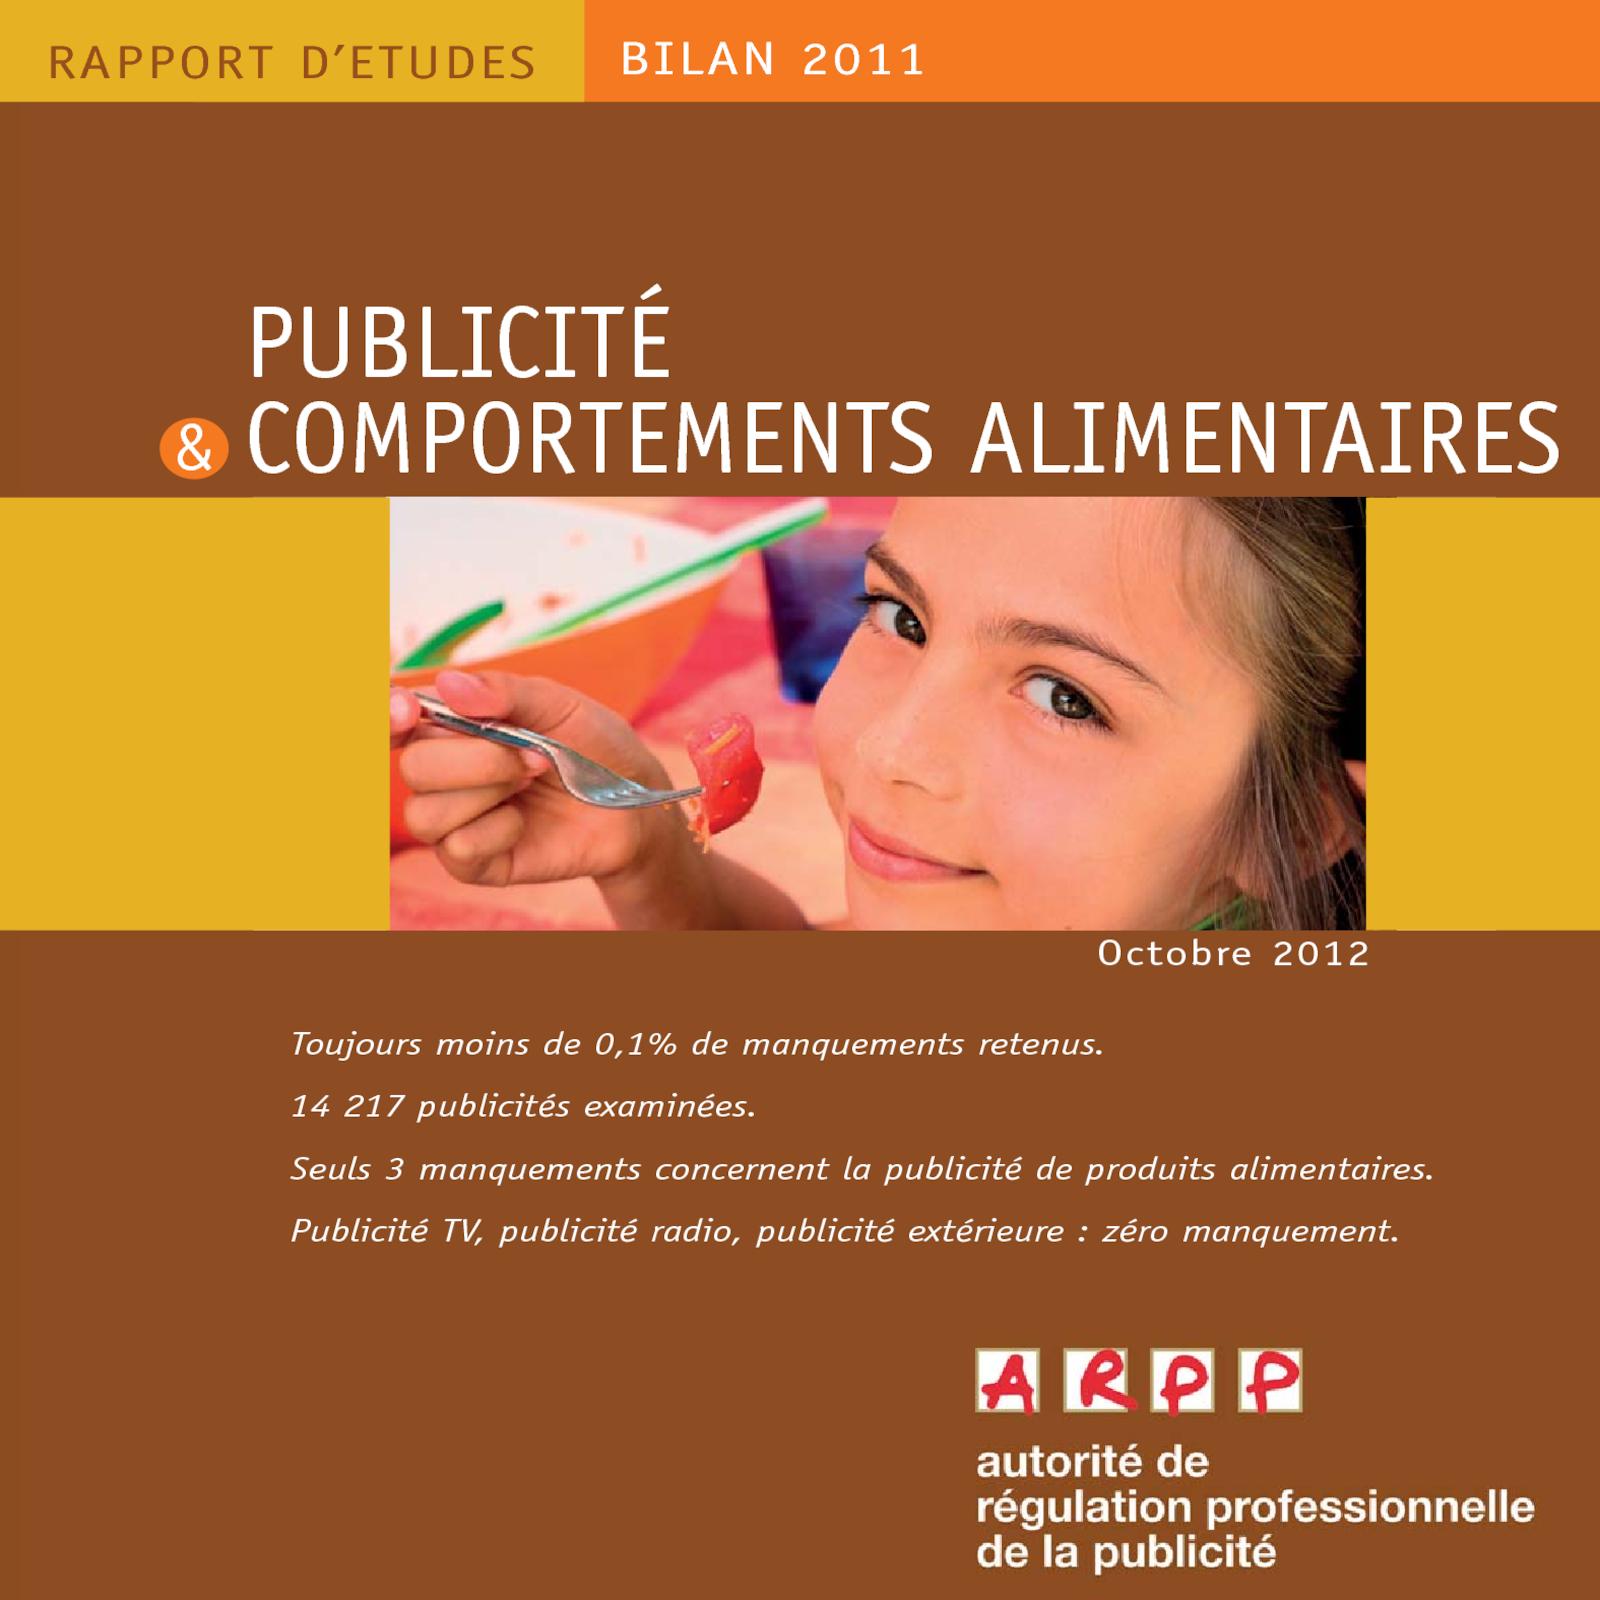 Bilan Publicité et Comportements Alimentaires 2011